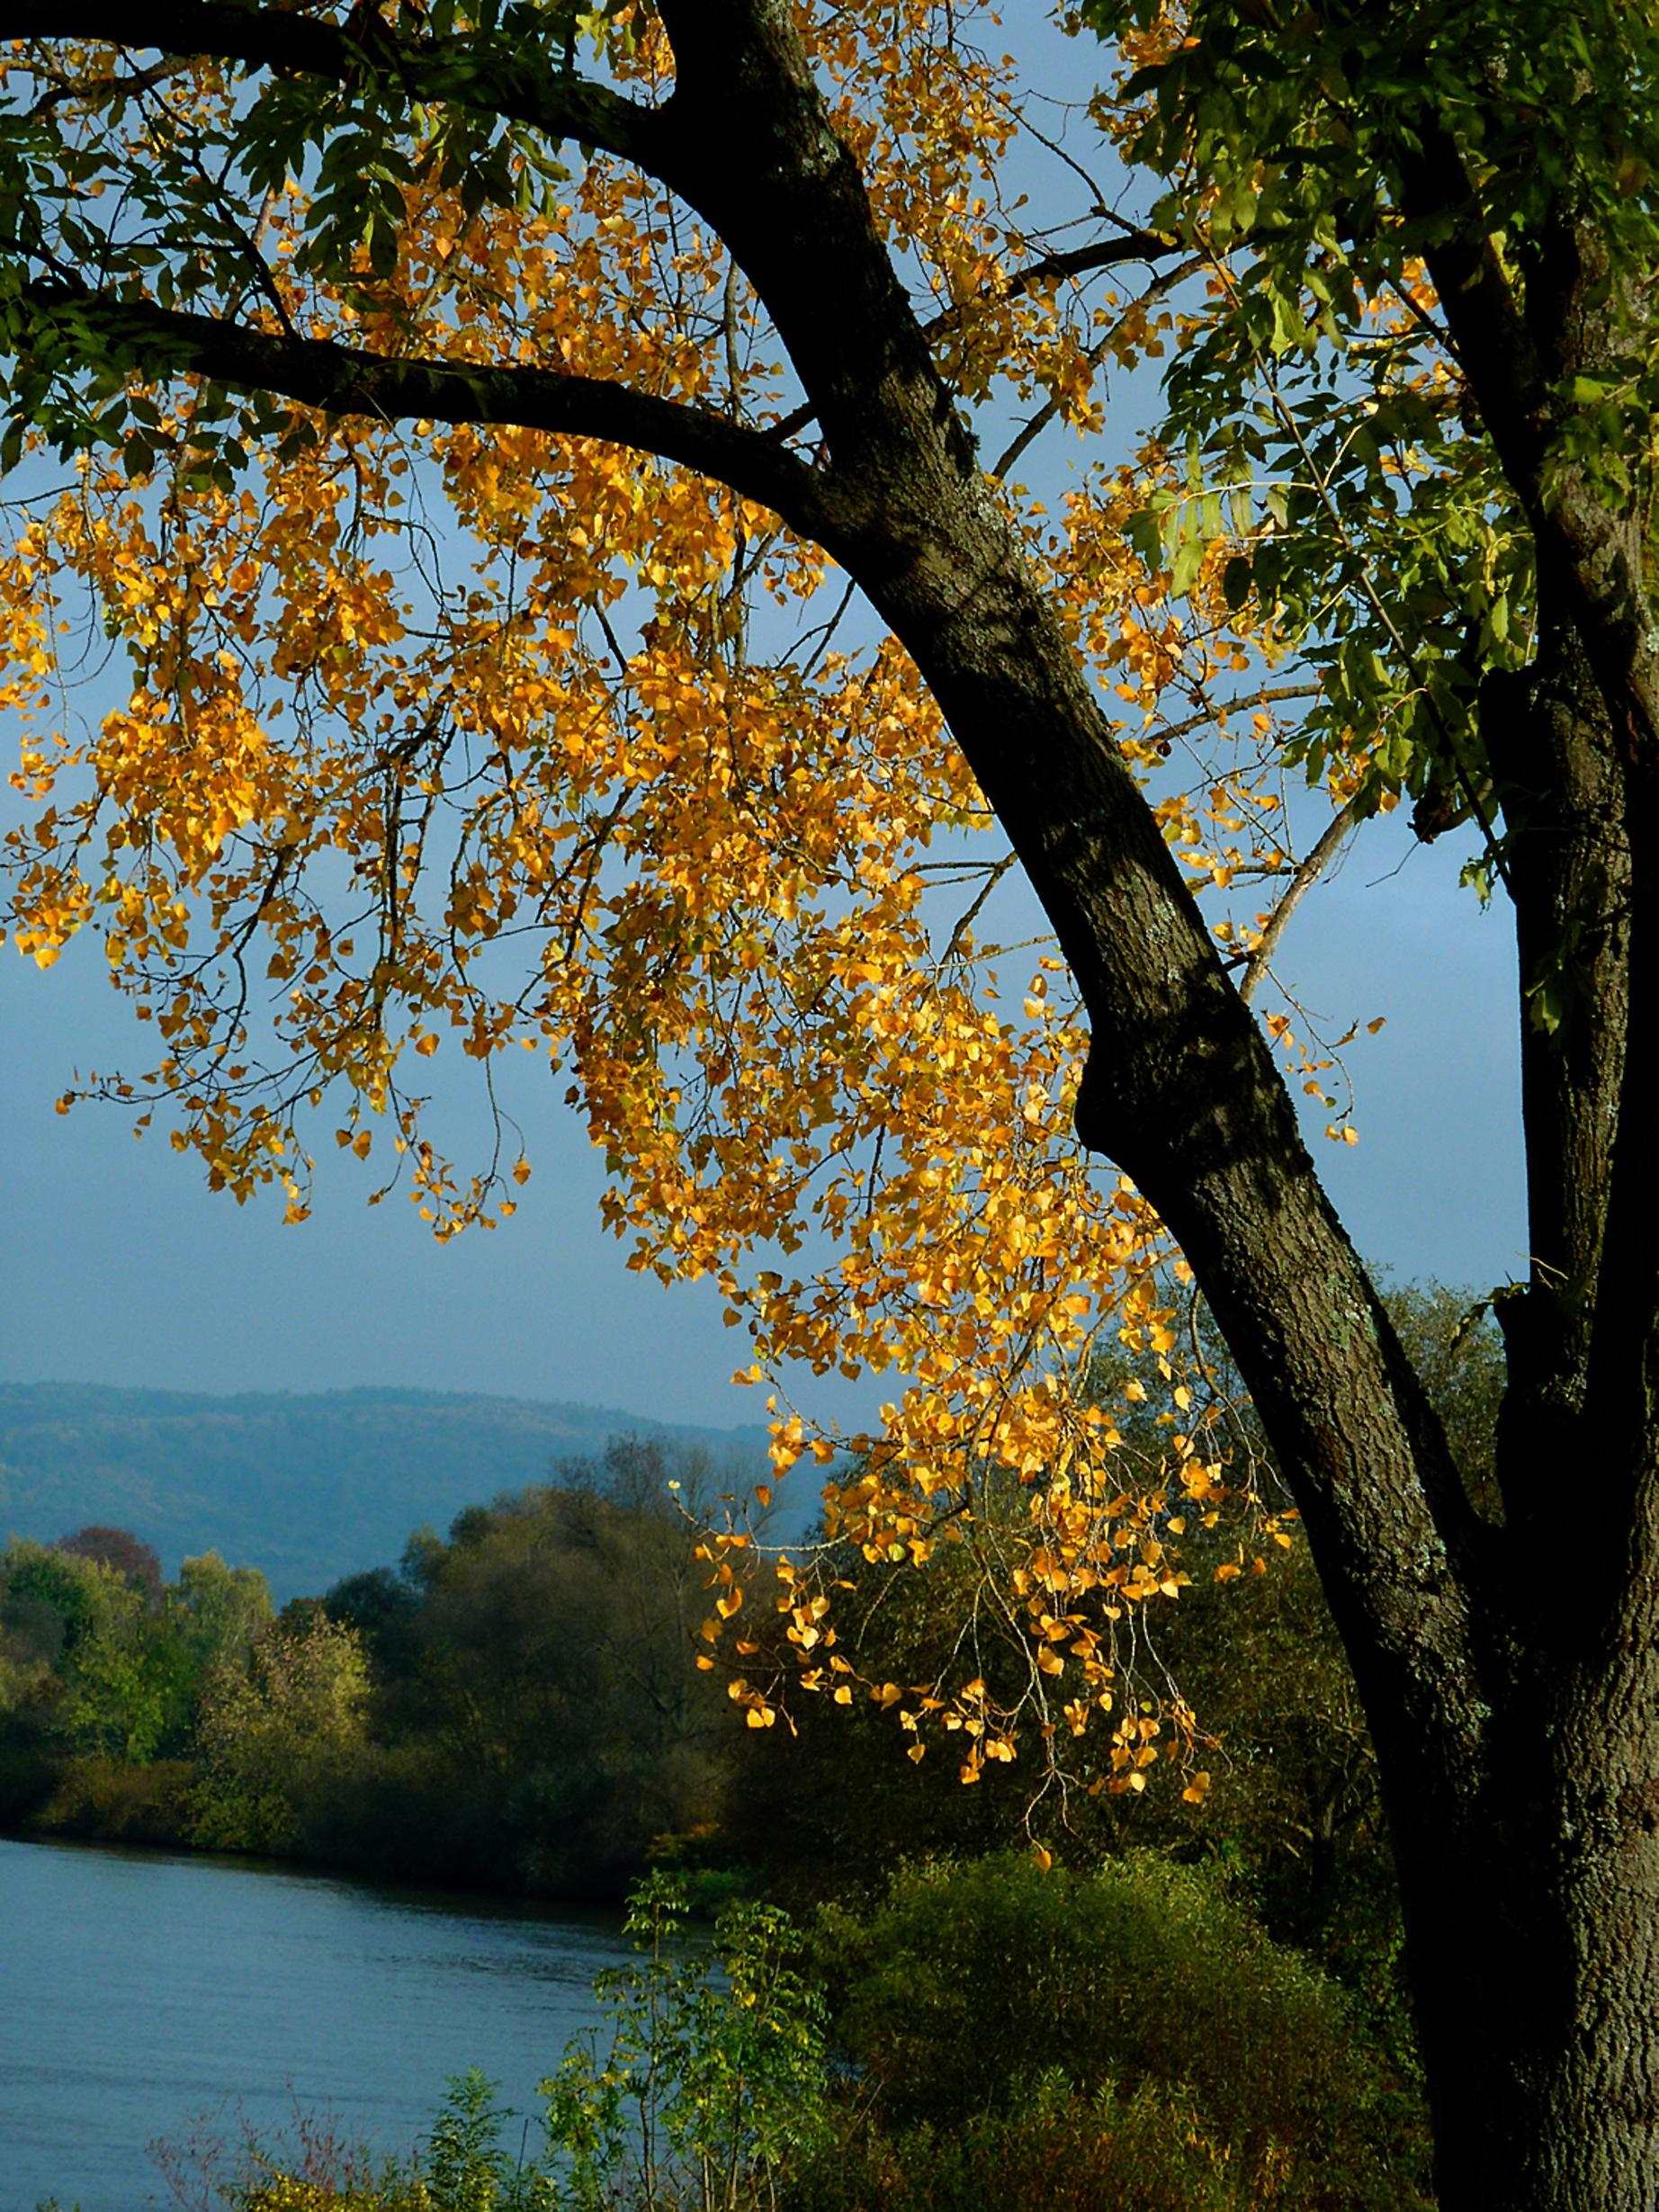 Assez Images Gratuites : arbre, la nature, branche, fleur, plante  TM11